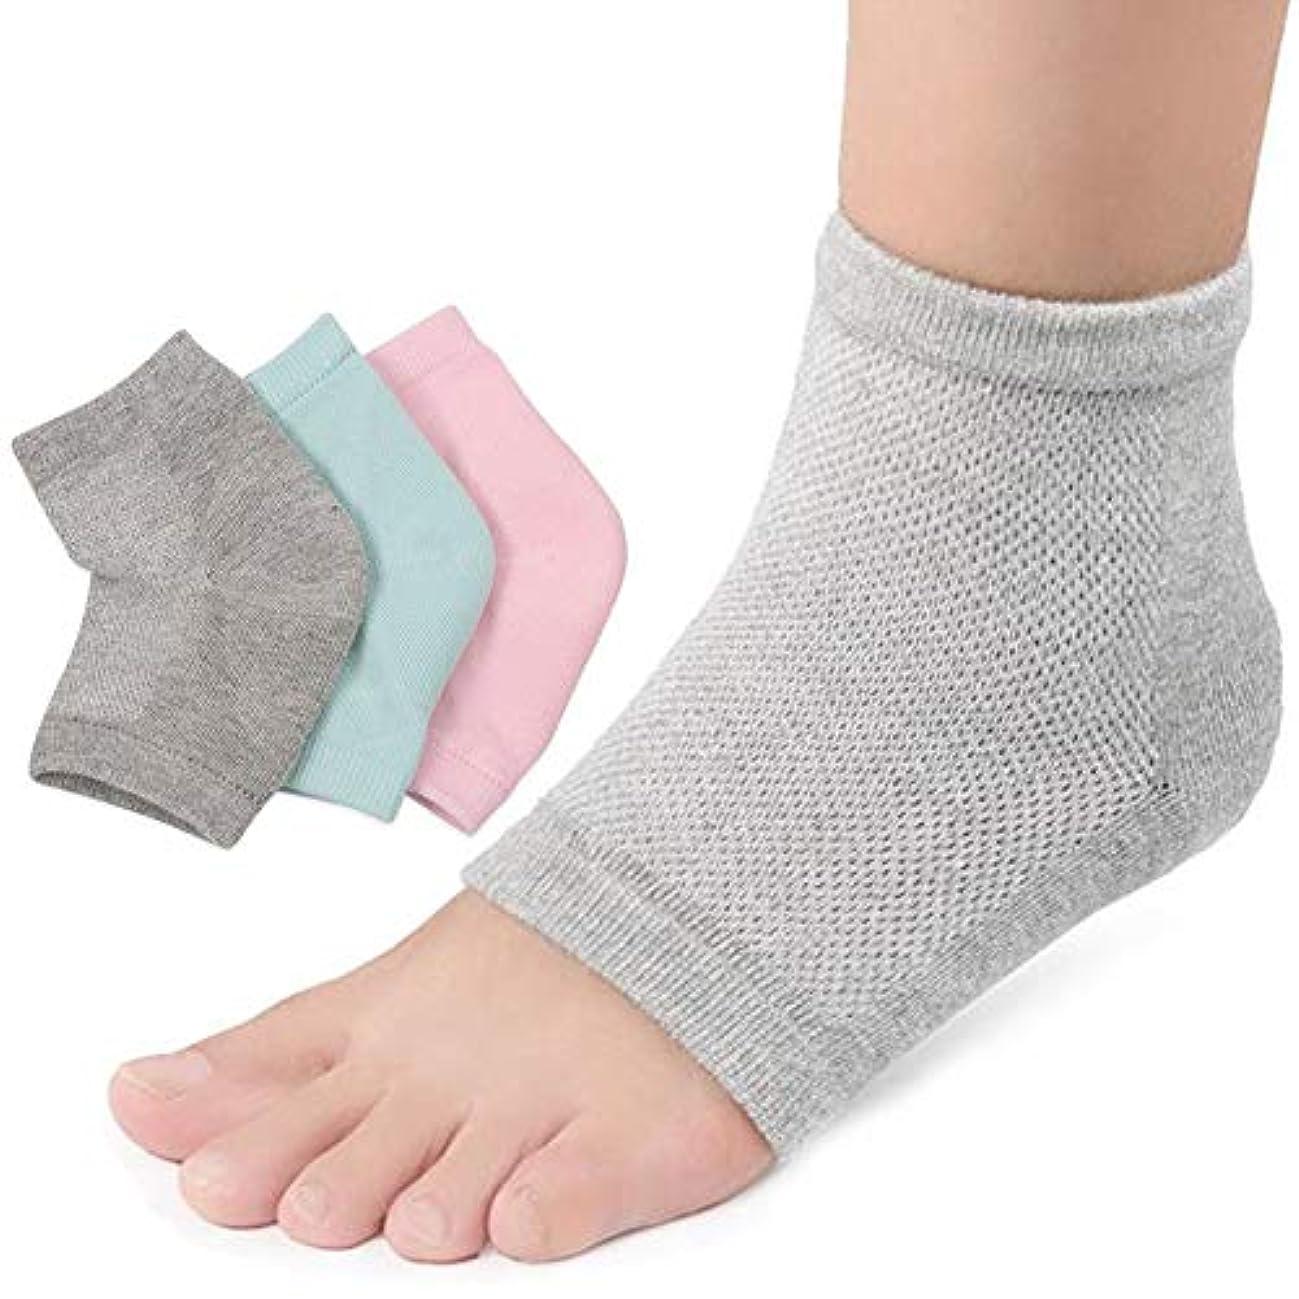 防衛食事を調理する風変わりな3足セットかかと 靴下 かかとケア つるつる ジェル 靴下 角質 ケア 保湿 美容 角質除去足ケア 男女兼用